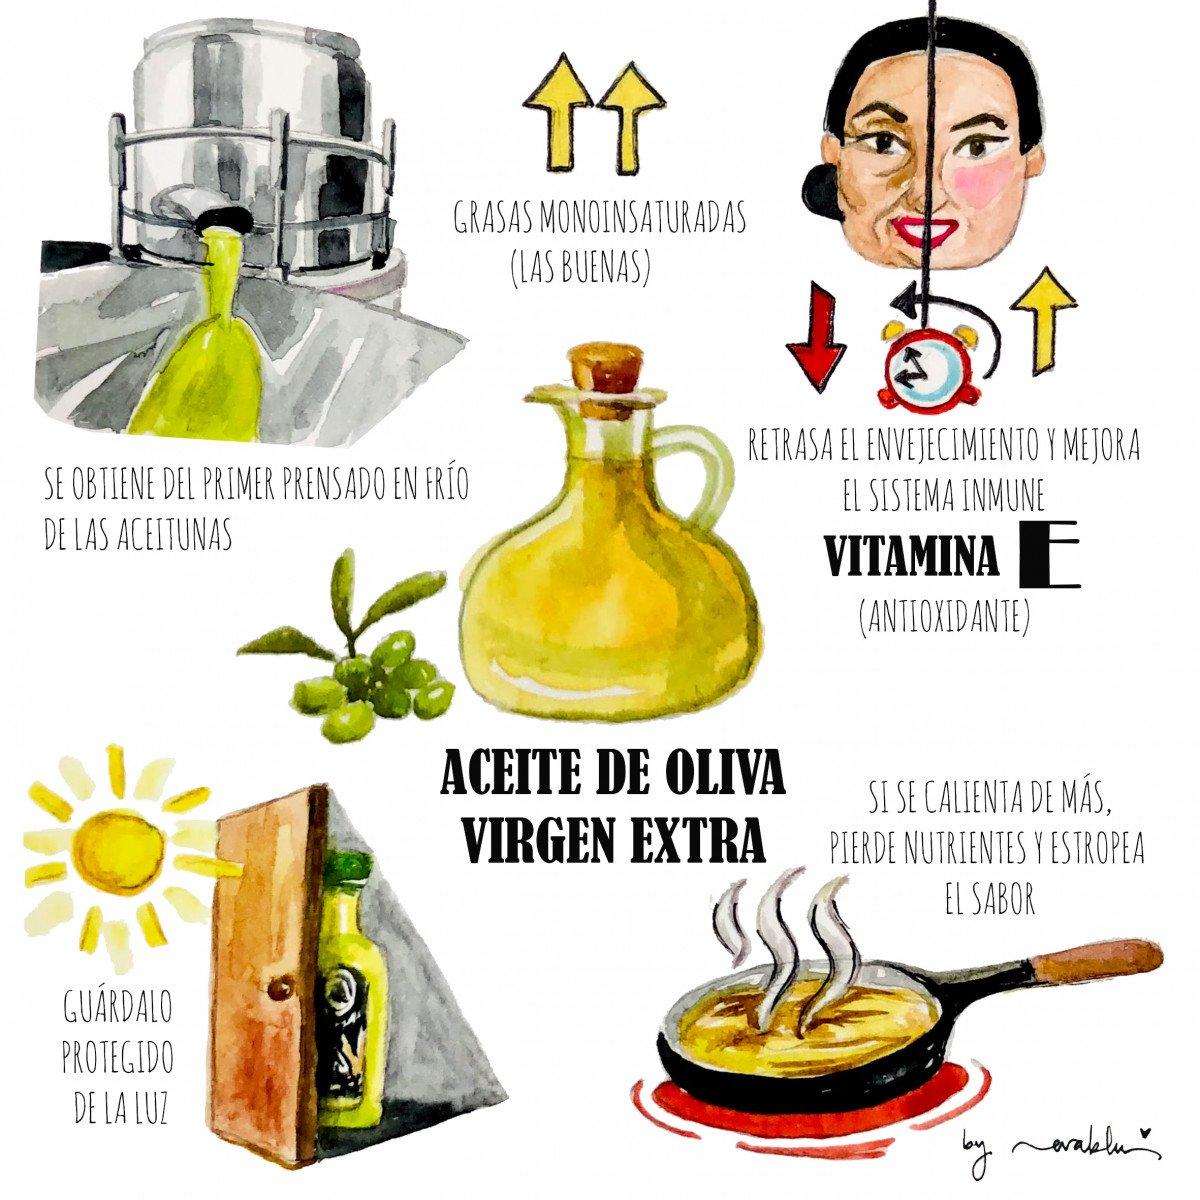 Ilustración aceite de oliva de @evablue